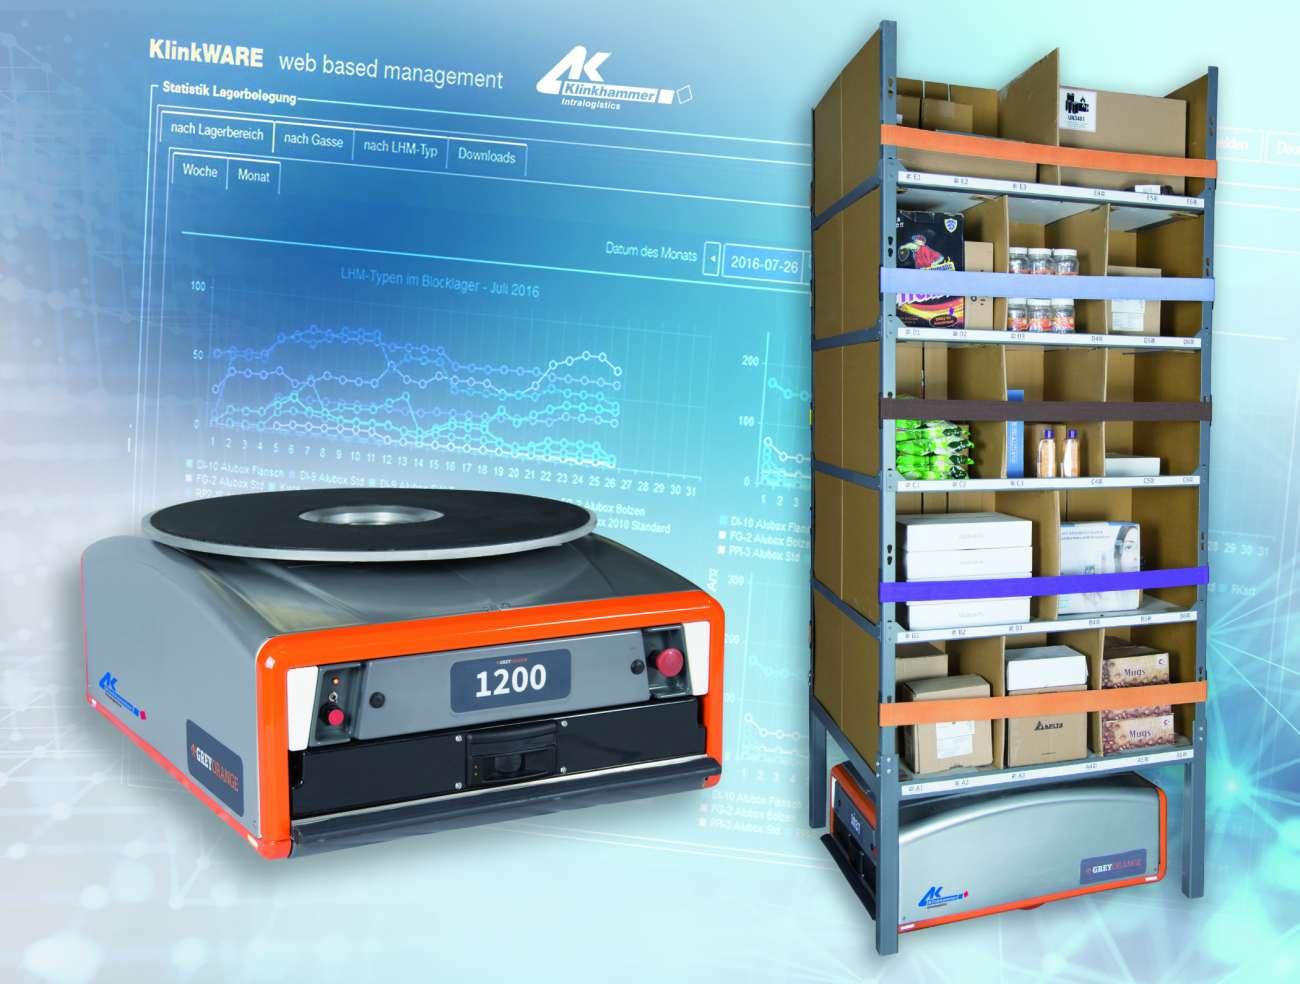 Robotik: Klinkhammer und GreyOrange unterzeichnen Vertrag - Strategie (Management) | News - Logistik Heute